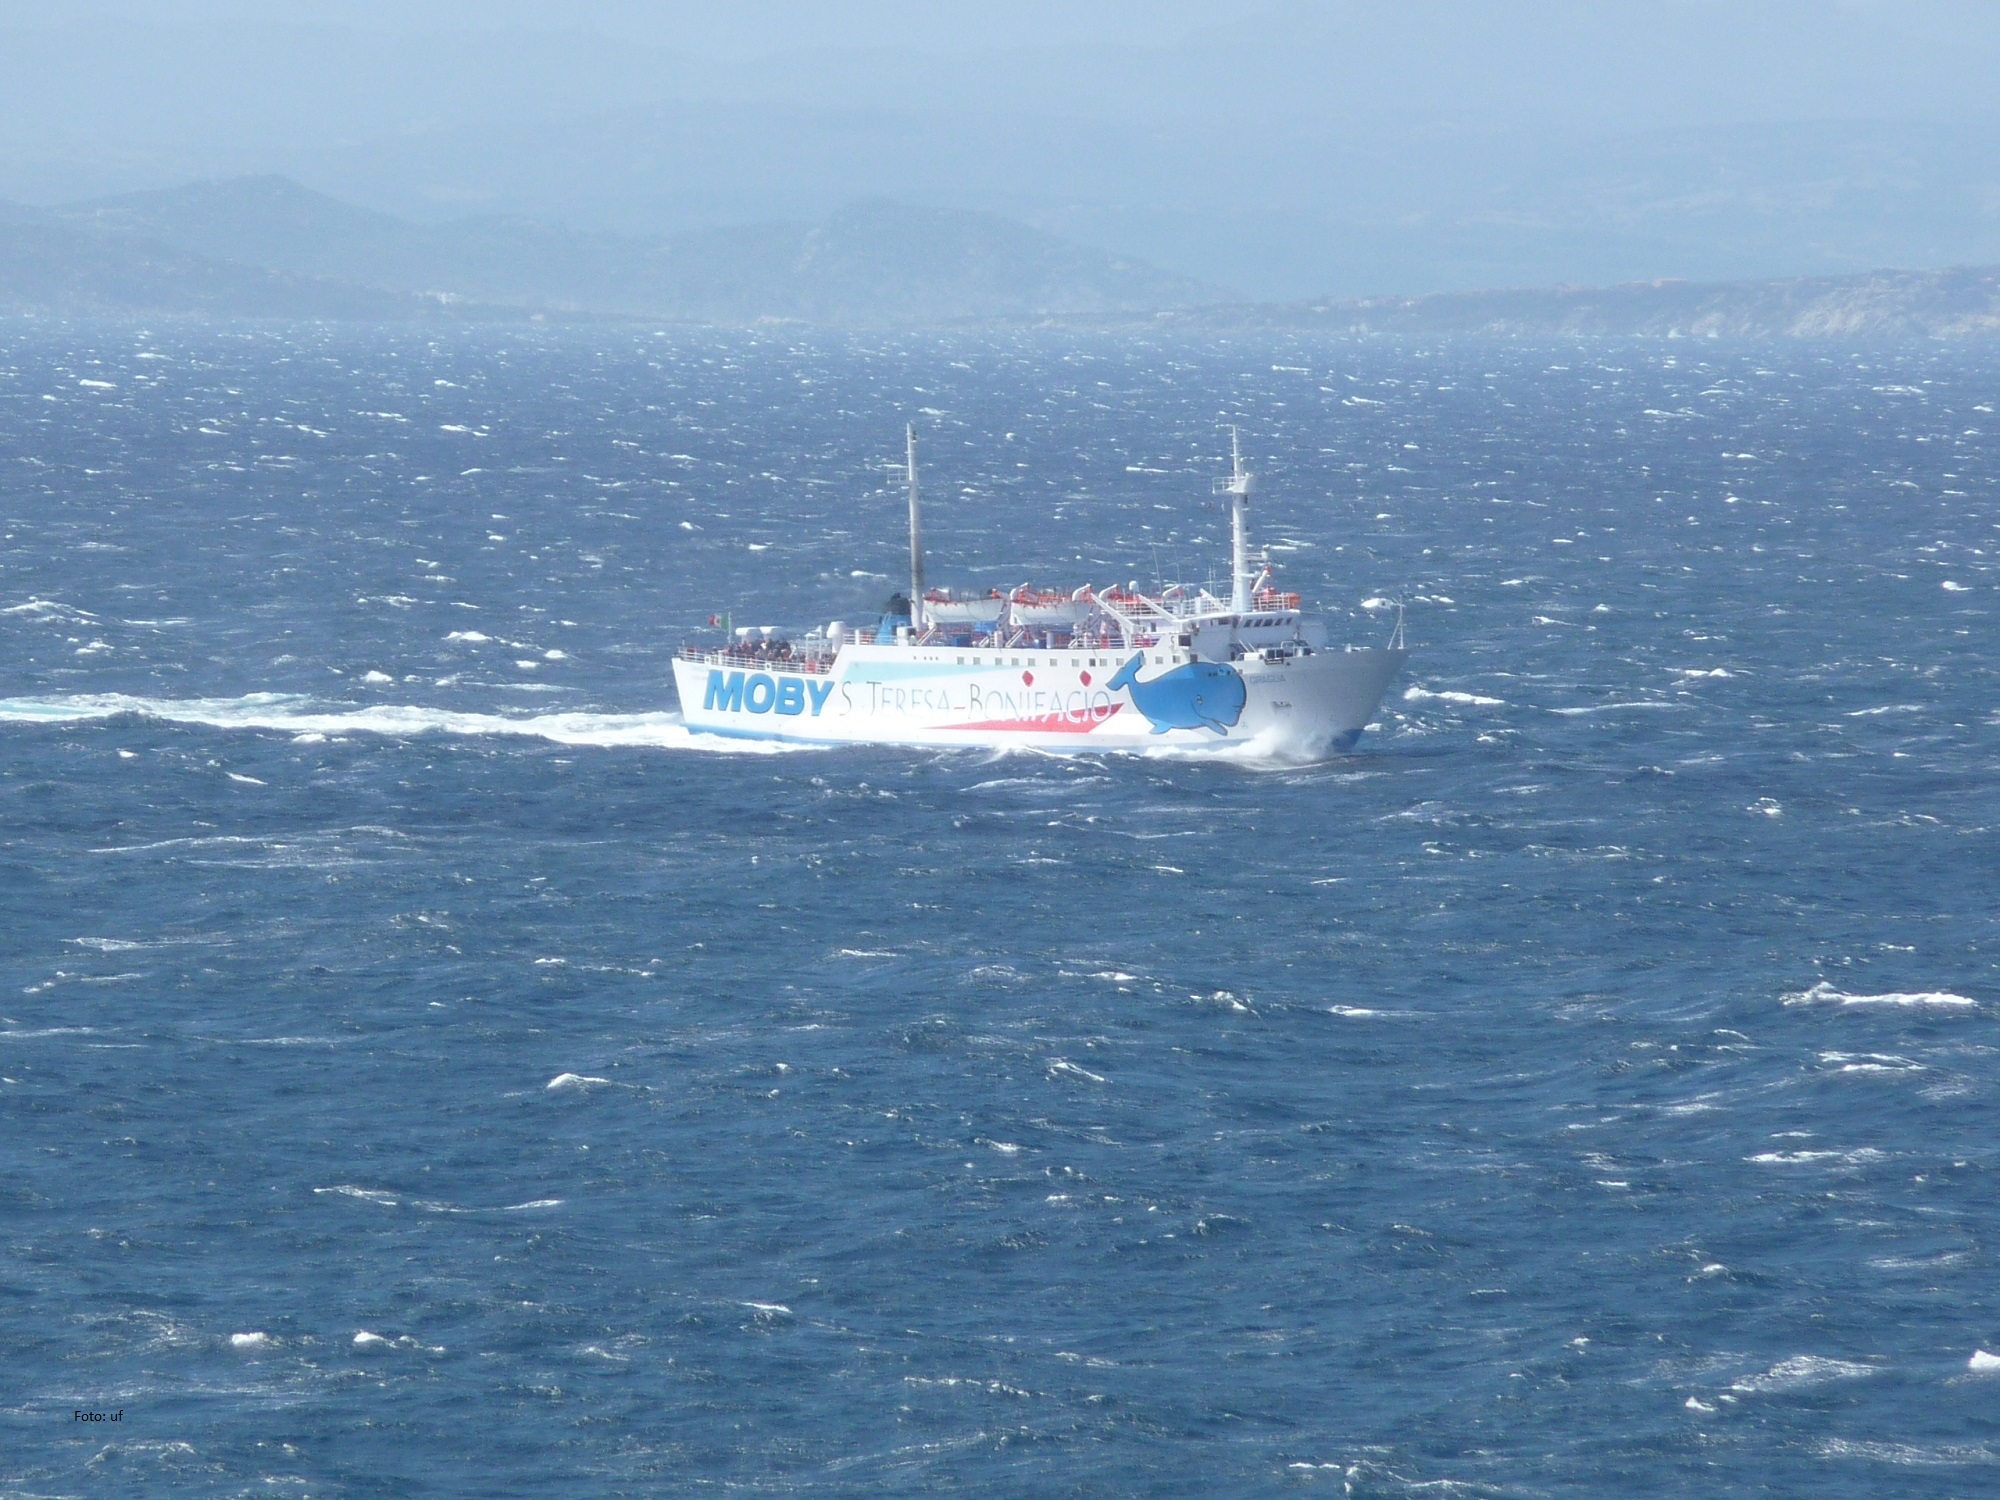 Nach Bonifacio per Fähre von Nordsardinien - ca. 1 h Fahrzeit